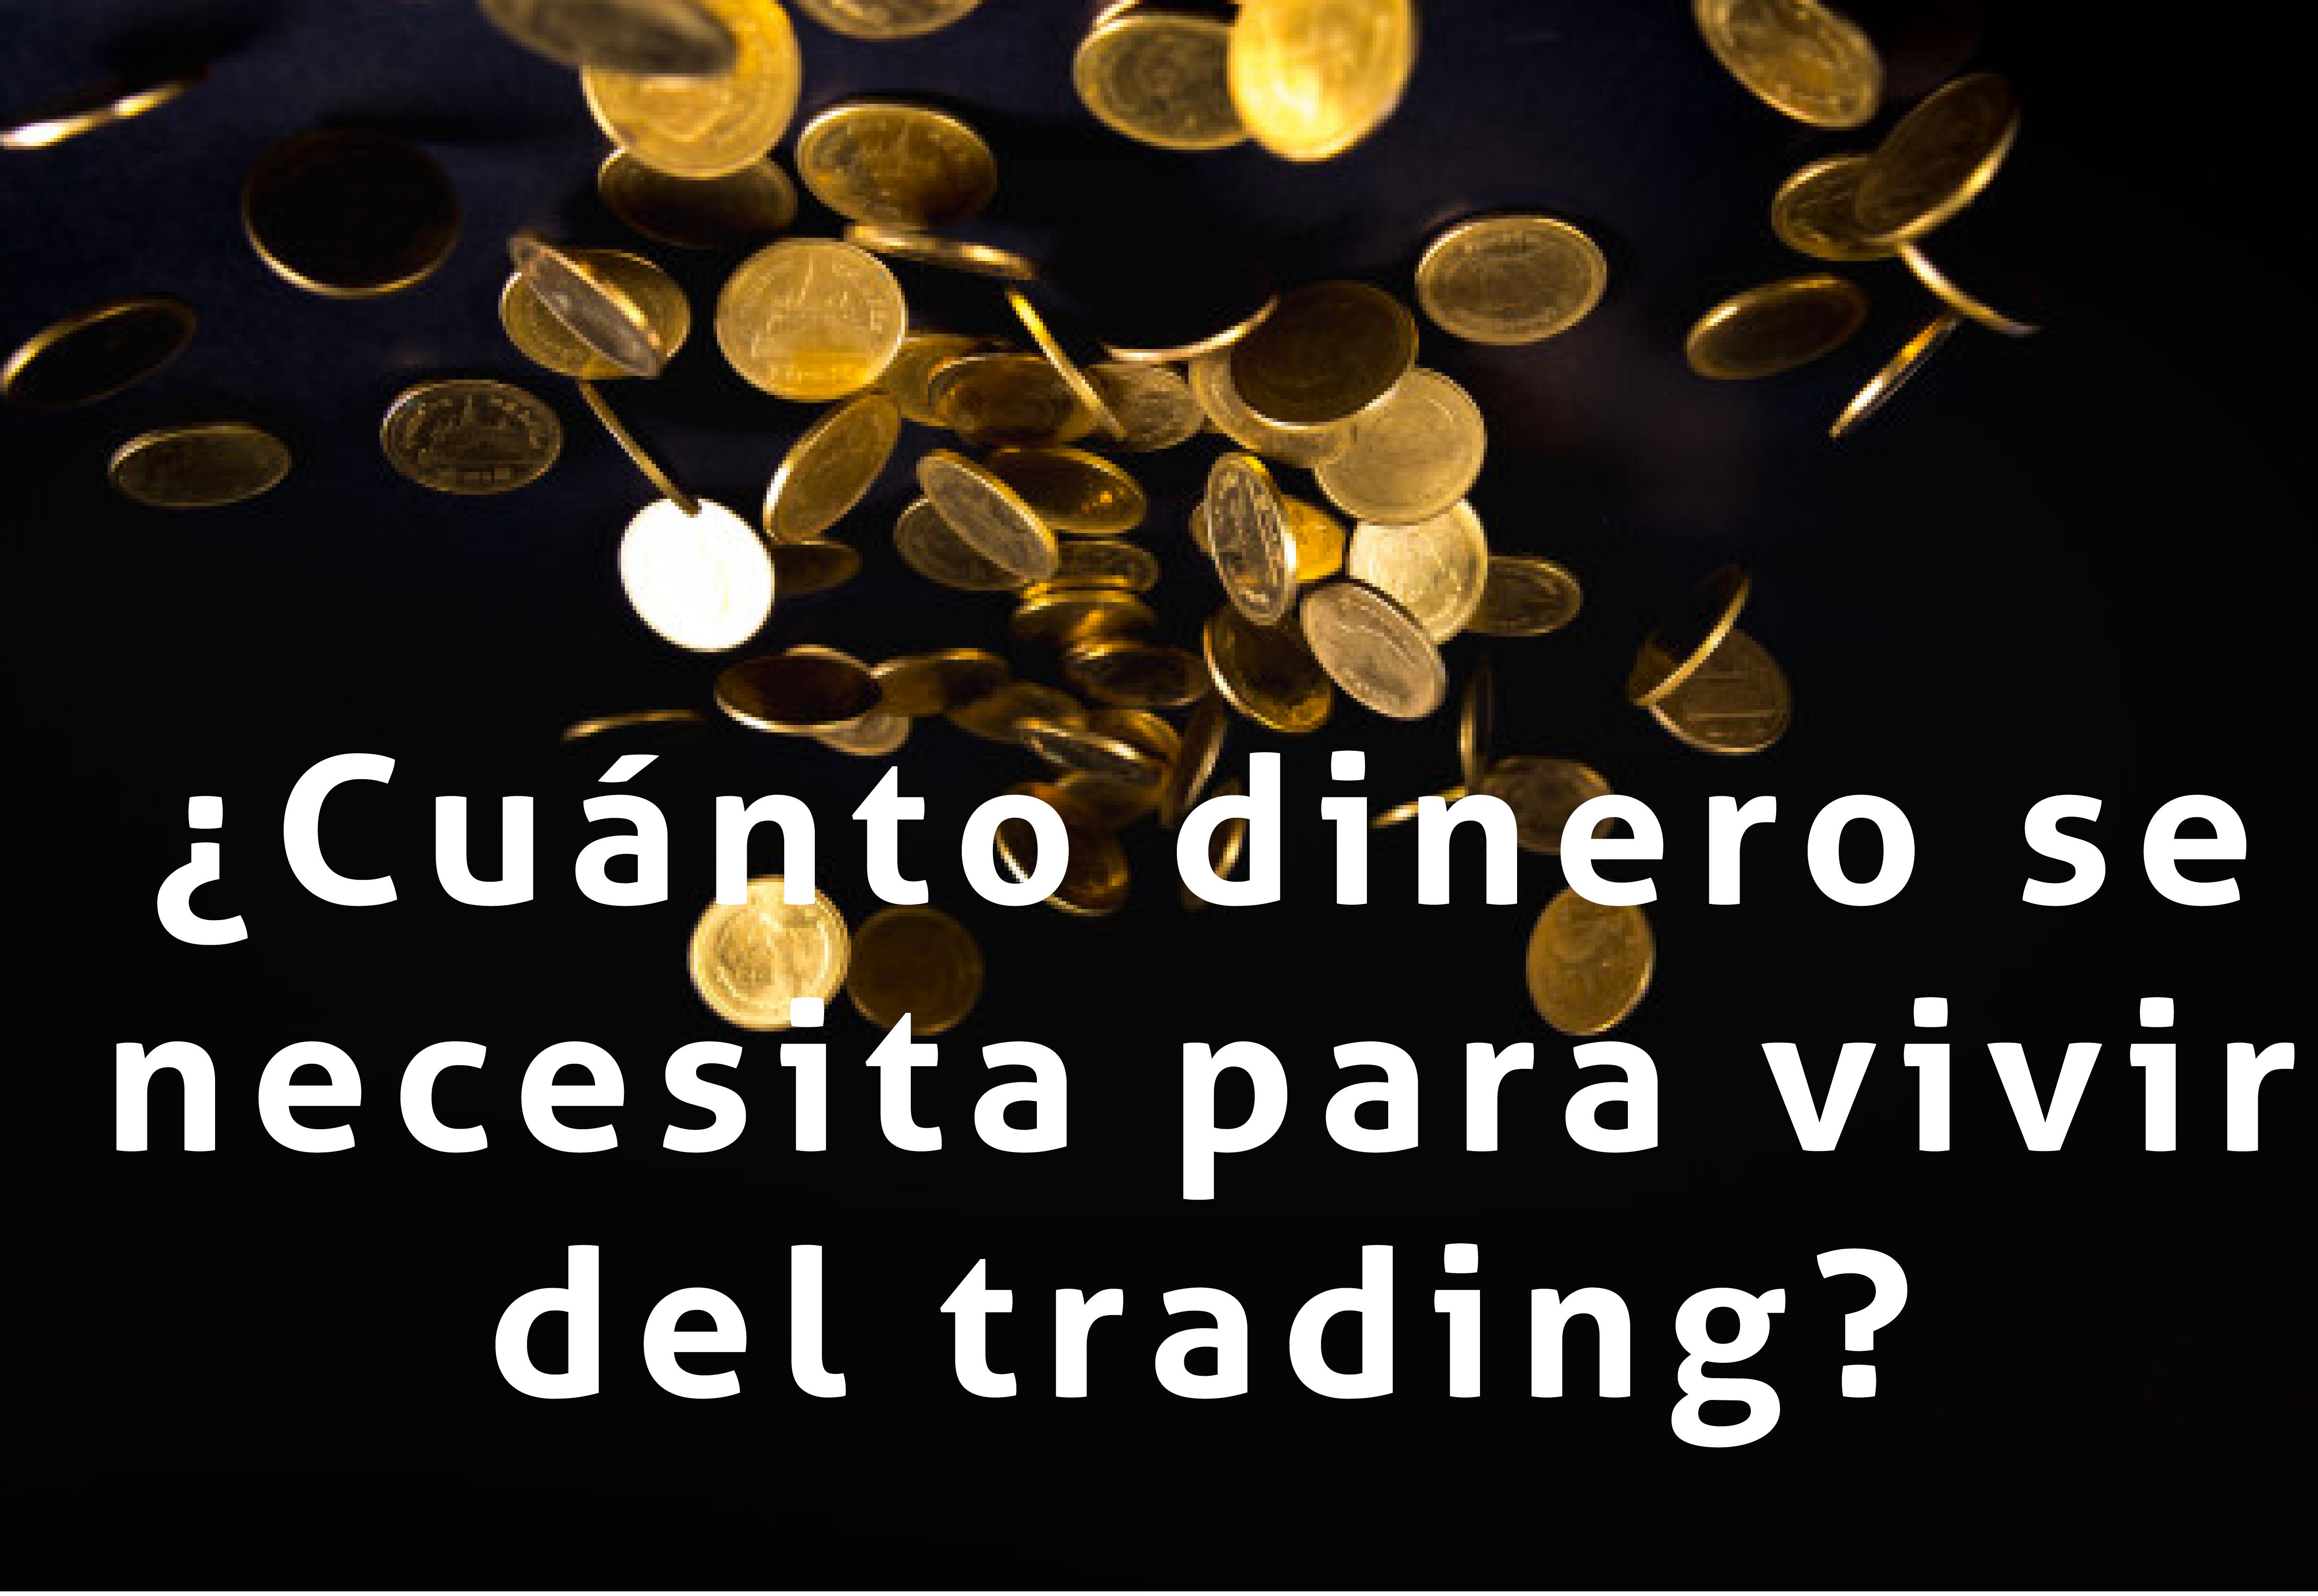 ¿Cuánto dinero se necesita para vivir del trading?